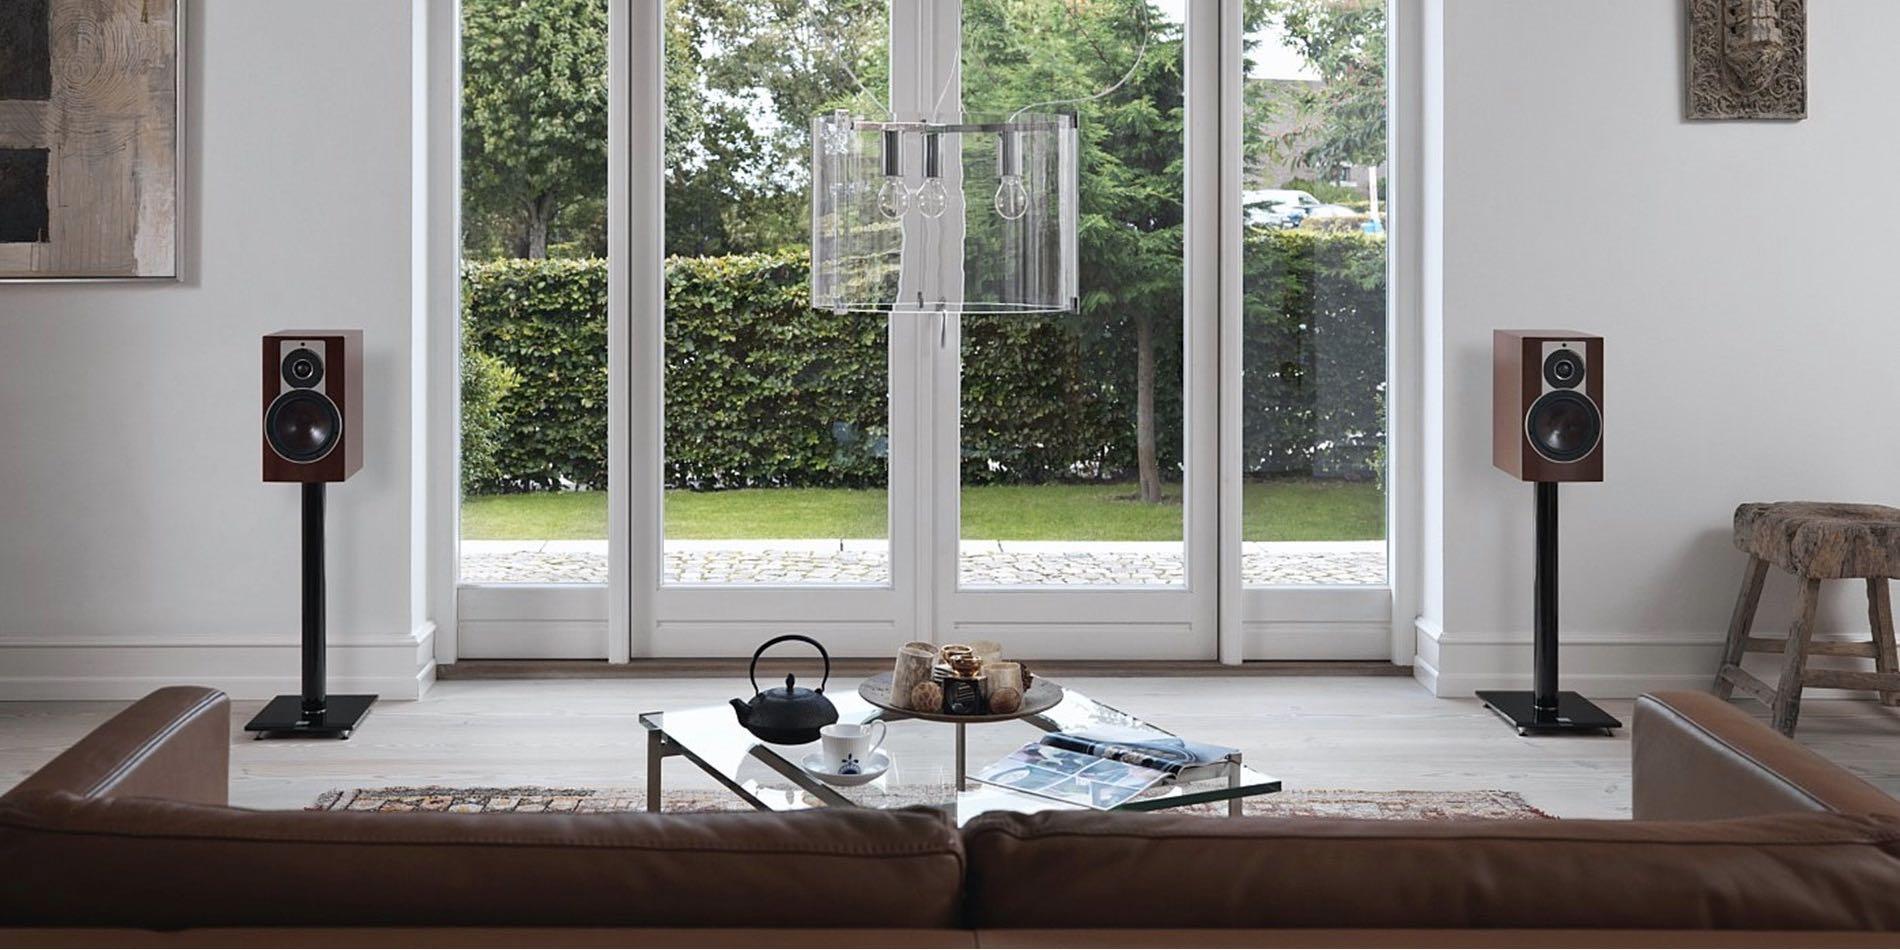 Altavoces monitores en interior del hogar